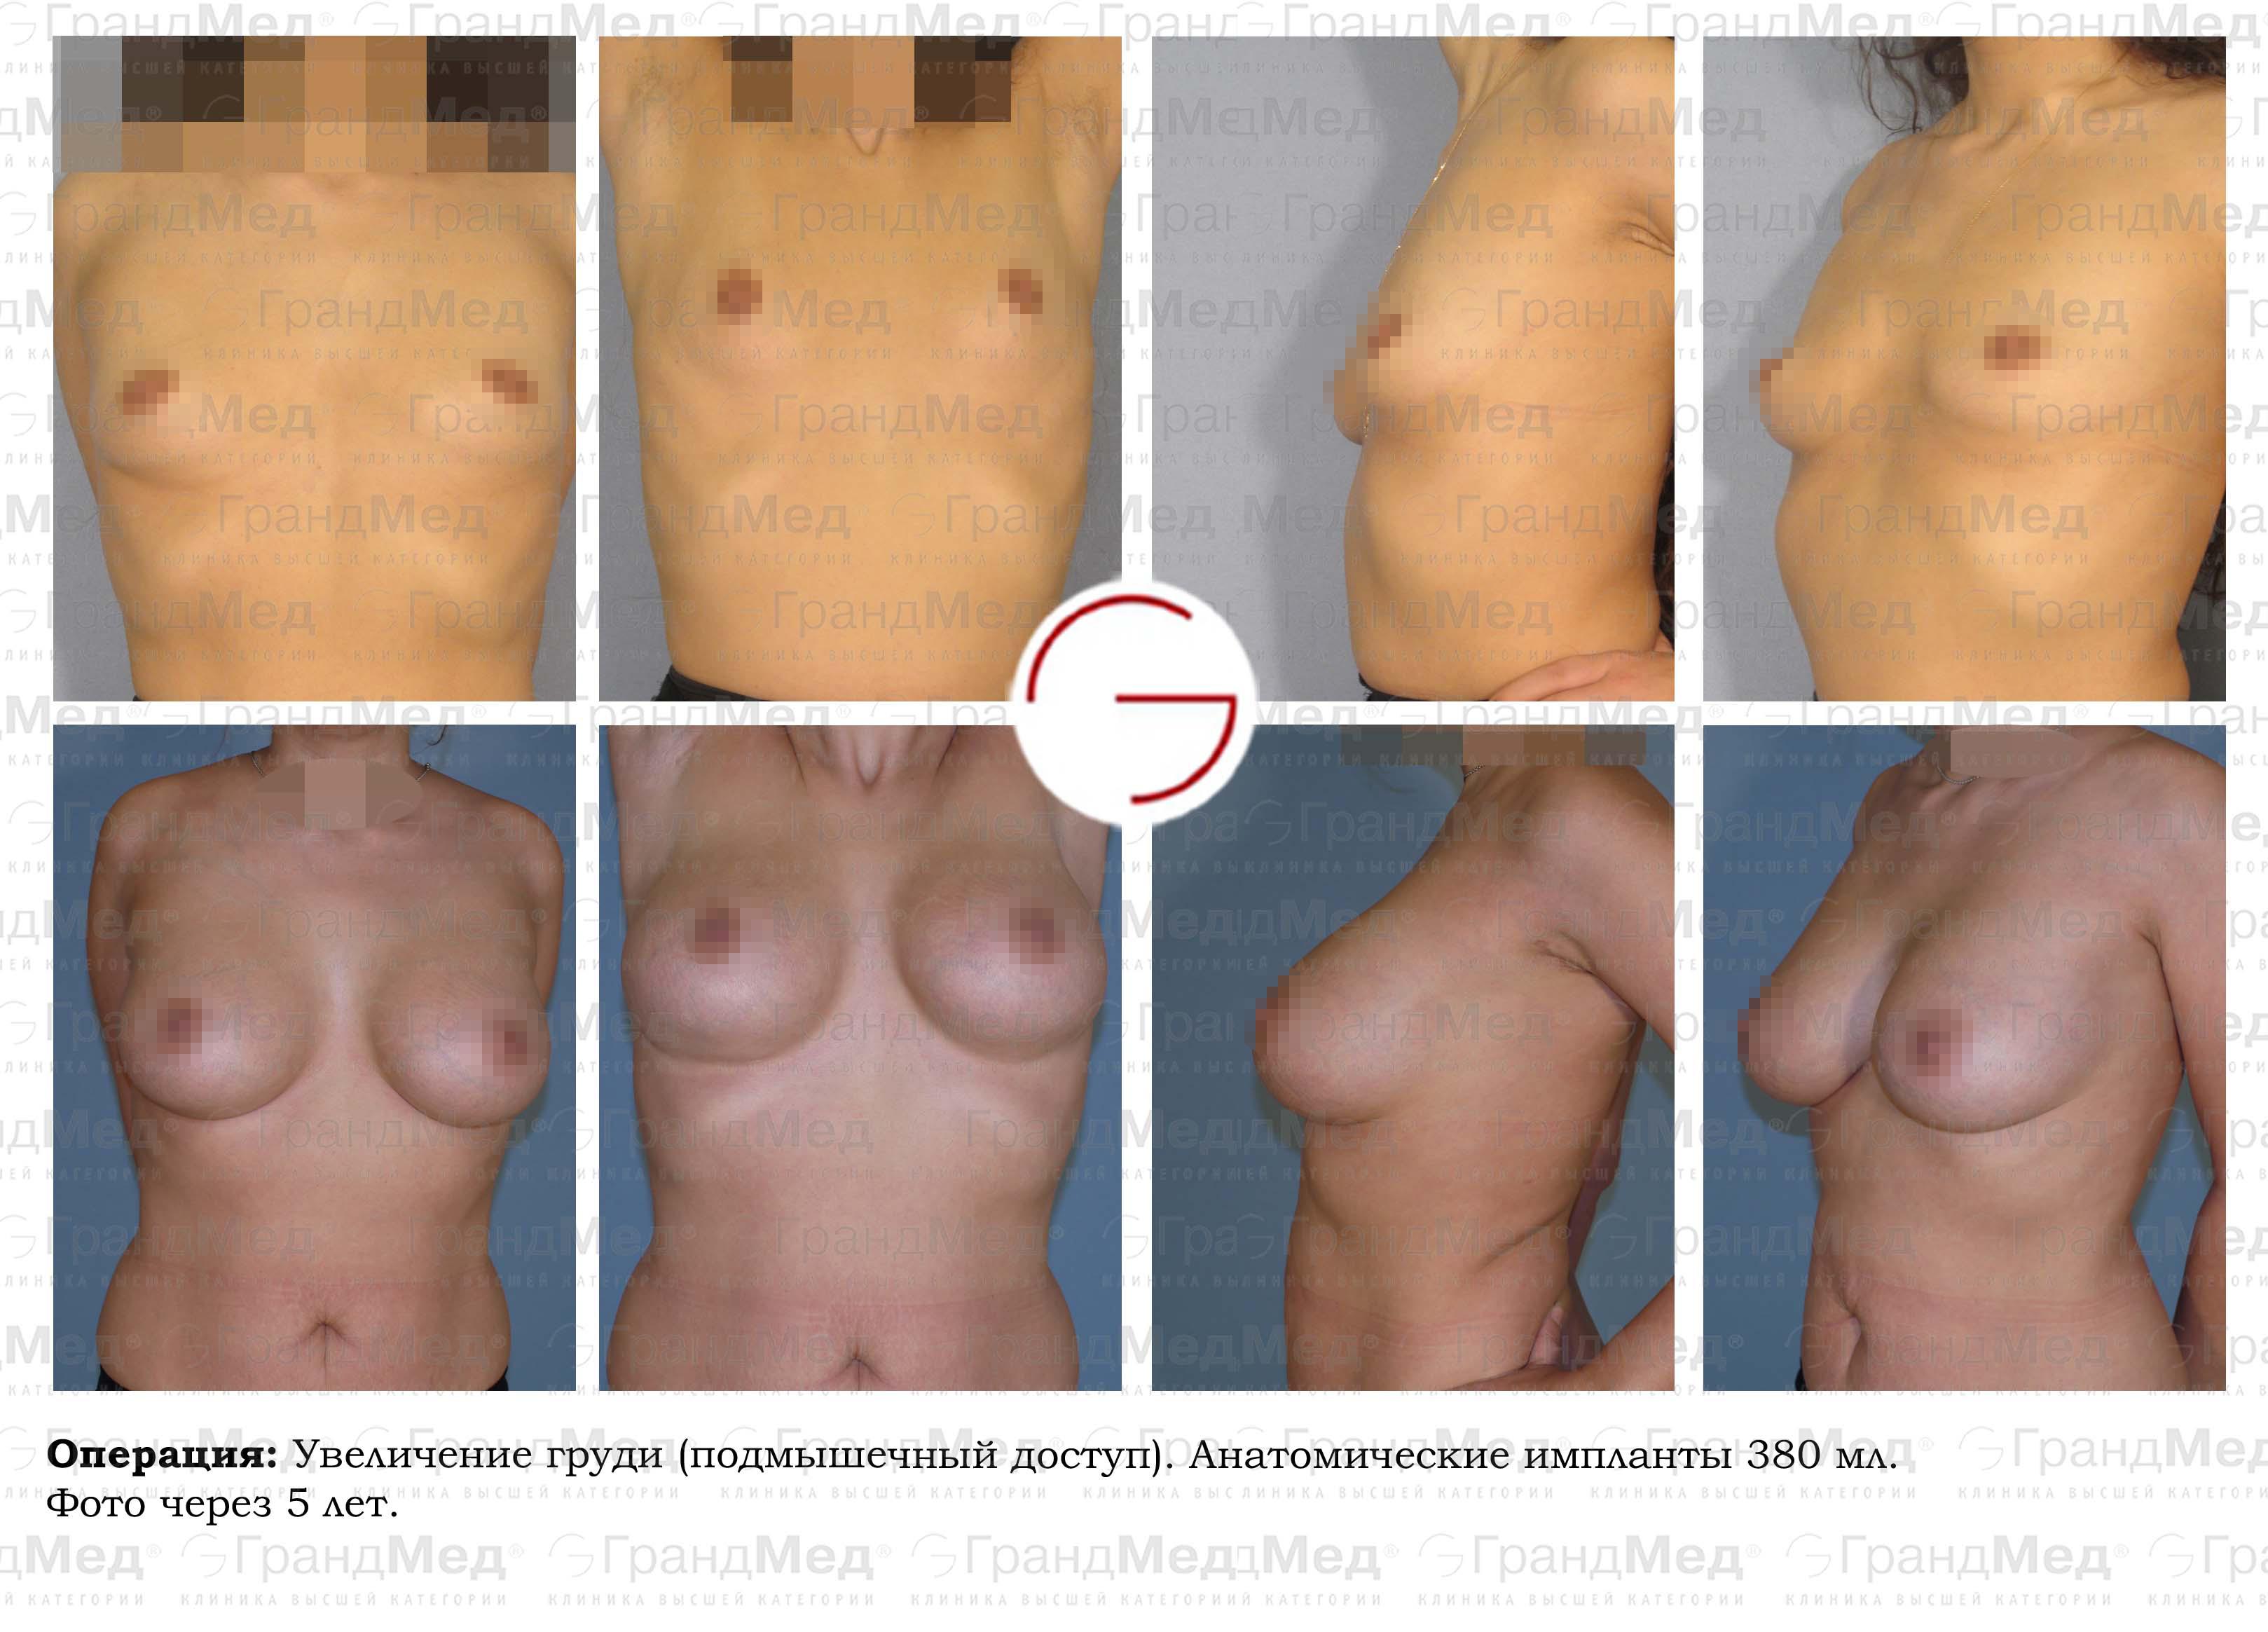 Пластическая хирургия по увеличению груди цена